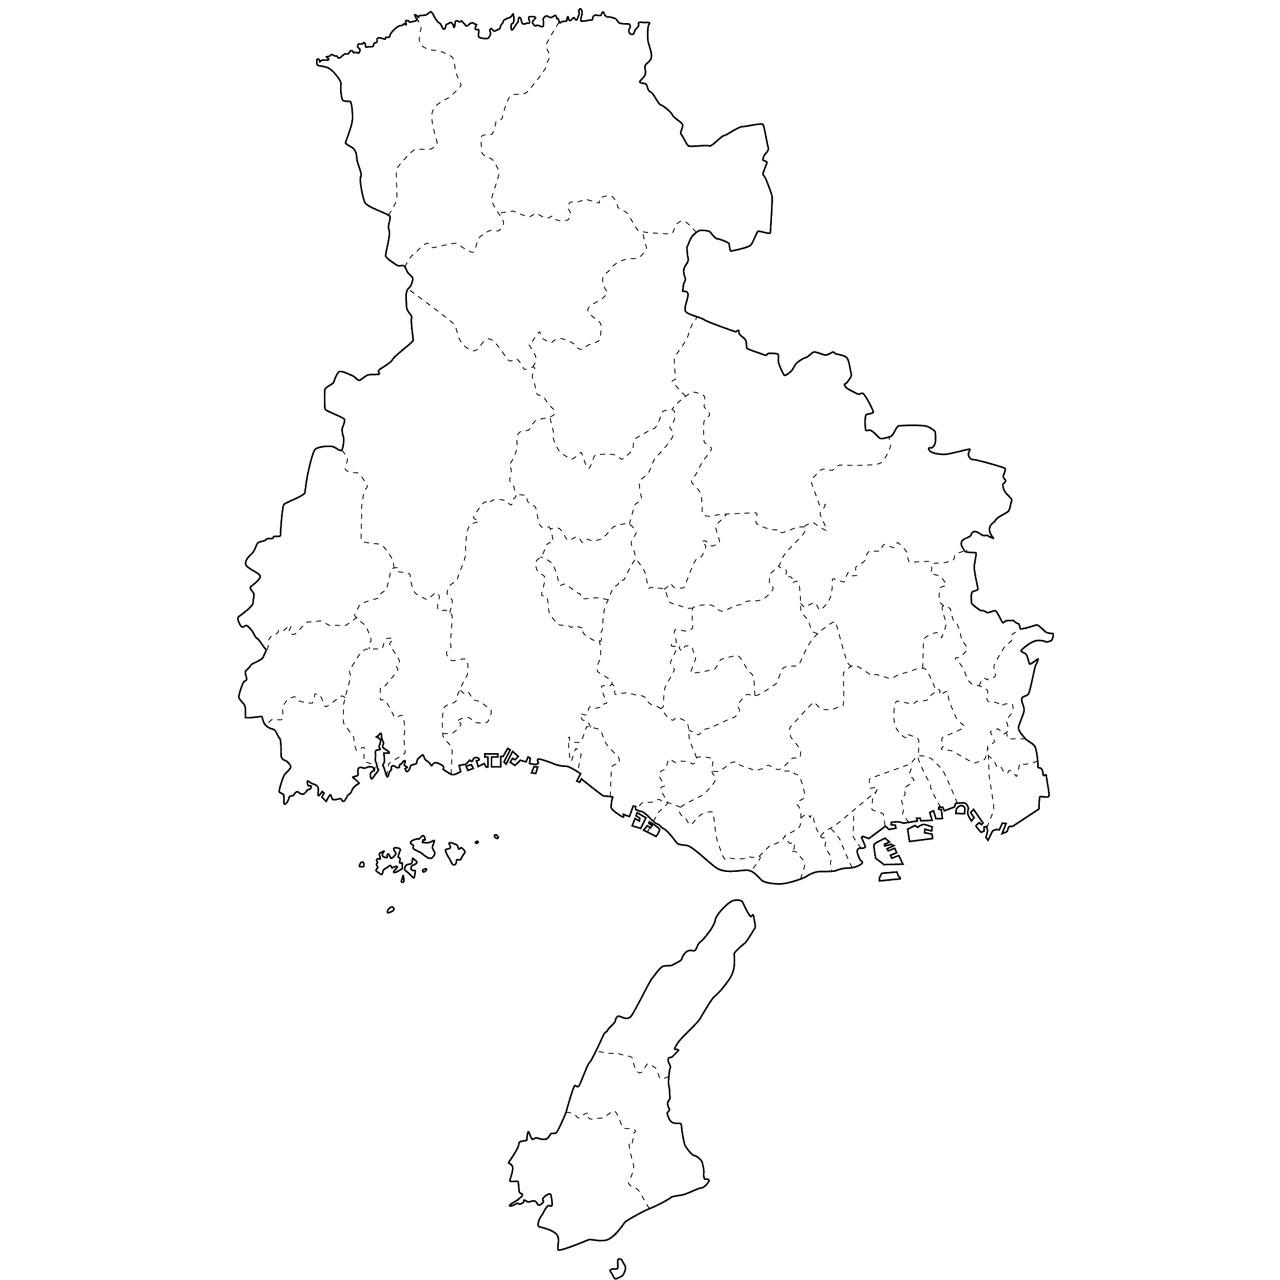 無料の日本地図イラスト集 - 兵庫県「白地図(市町村境も ...